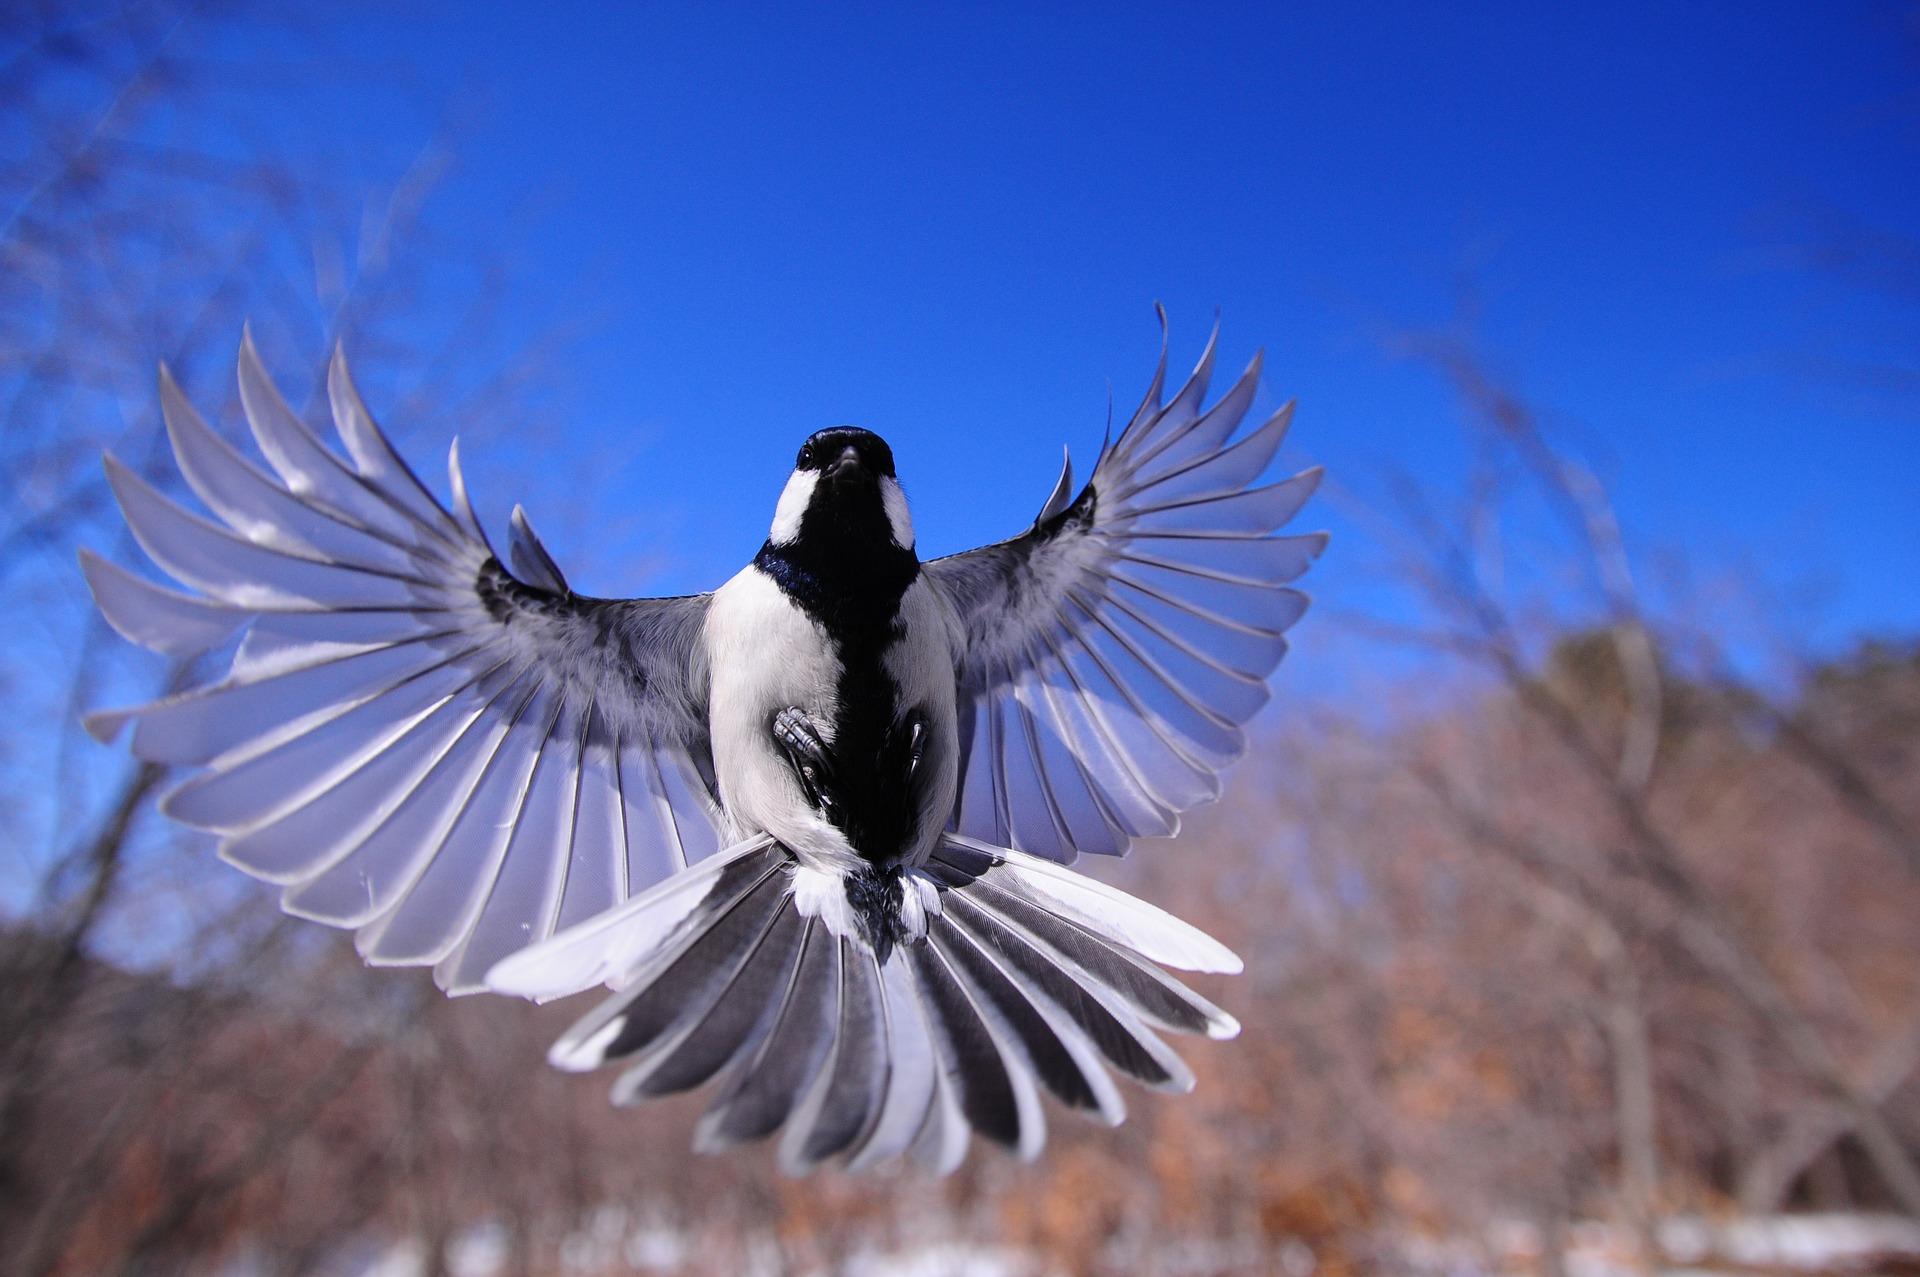 night-bird-1126076_1920